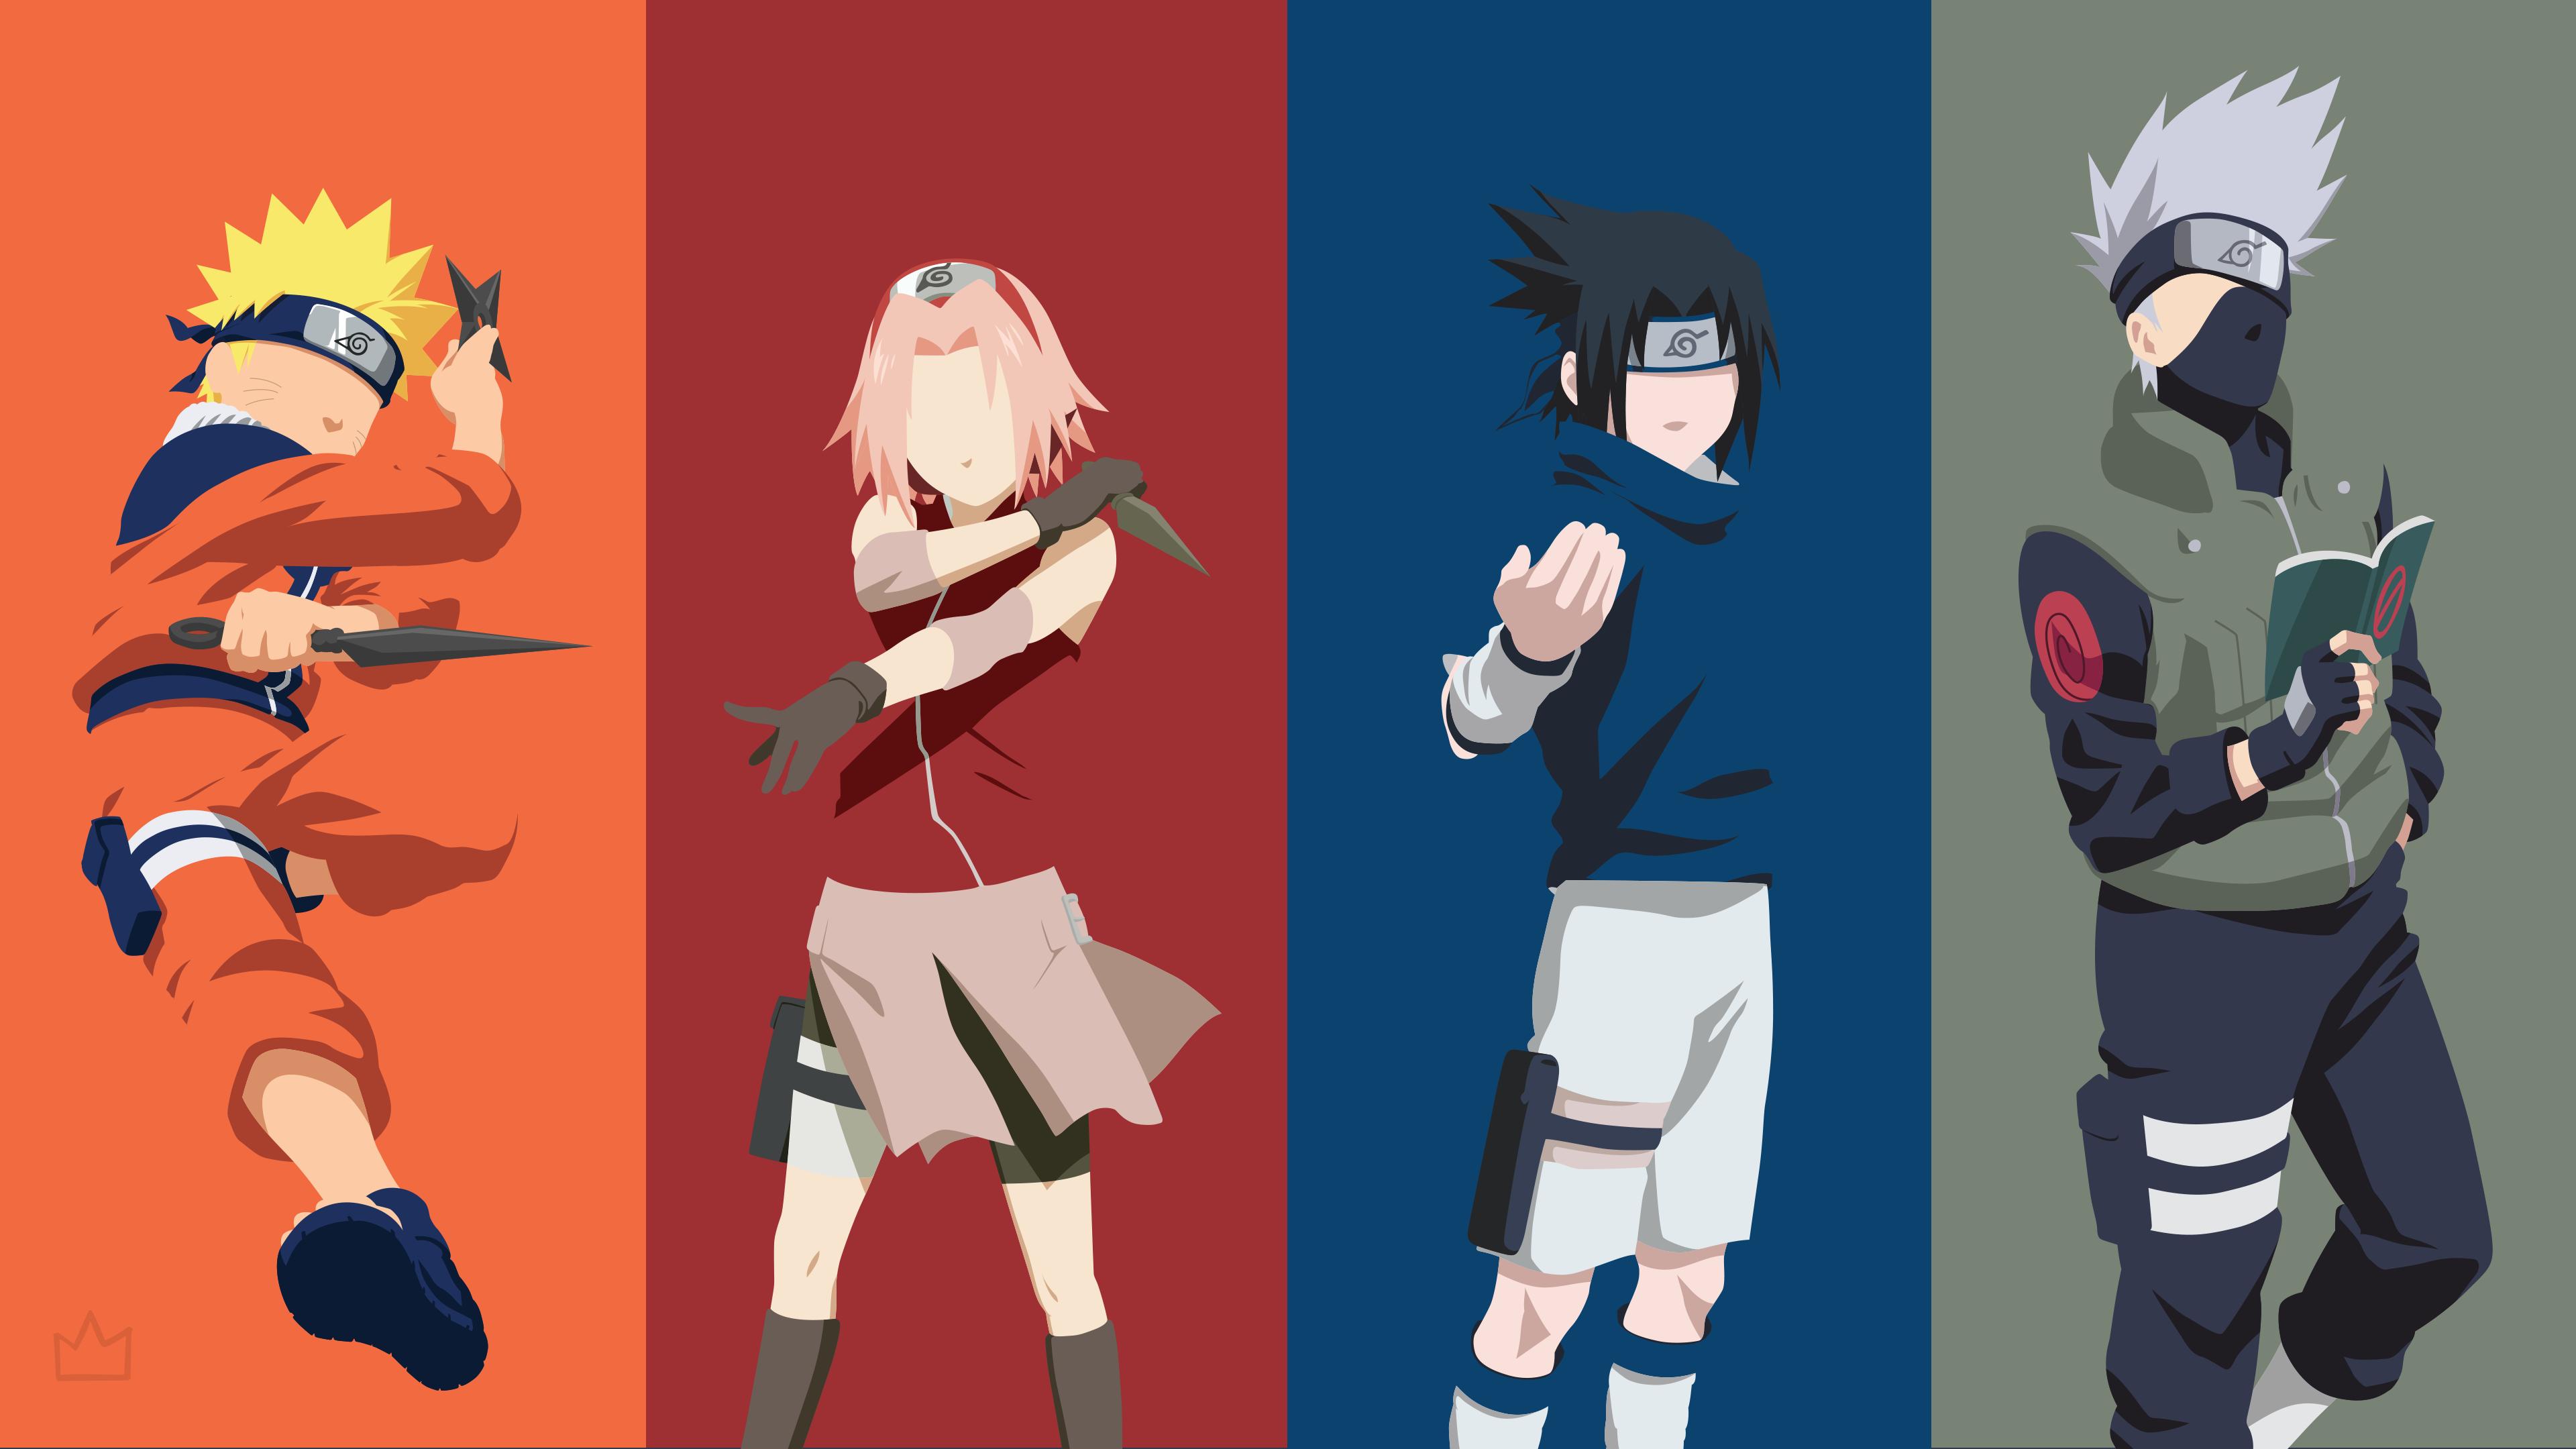 Squad 7 Naruto Naruto Sasuke Sakura Wallpaper Naruto Shippuden Anime Naruto